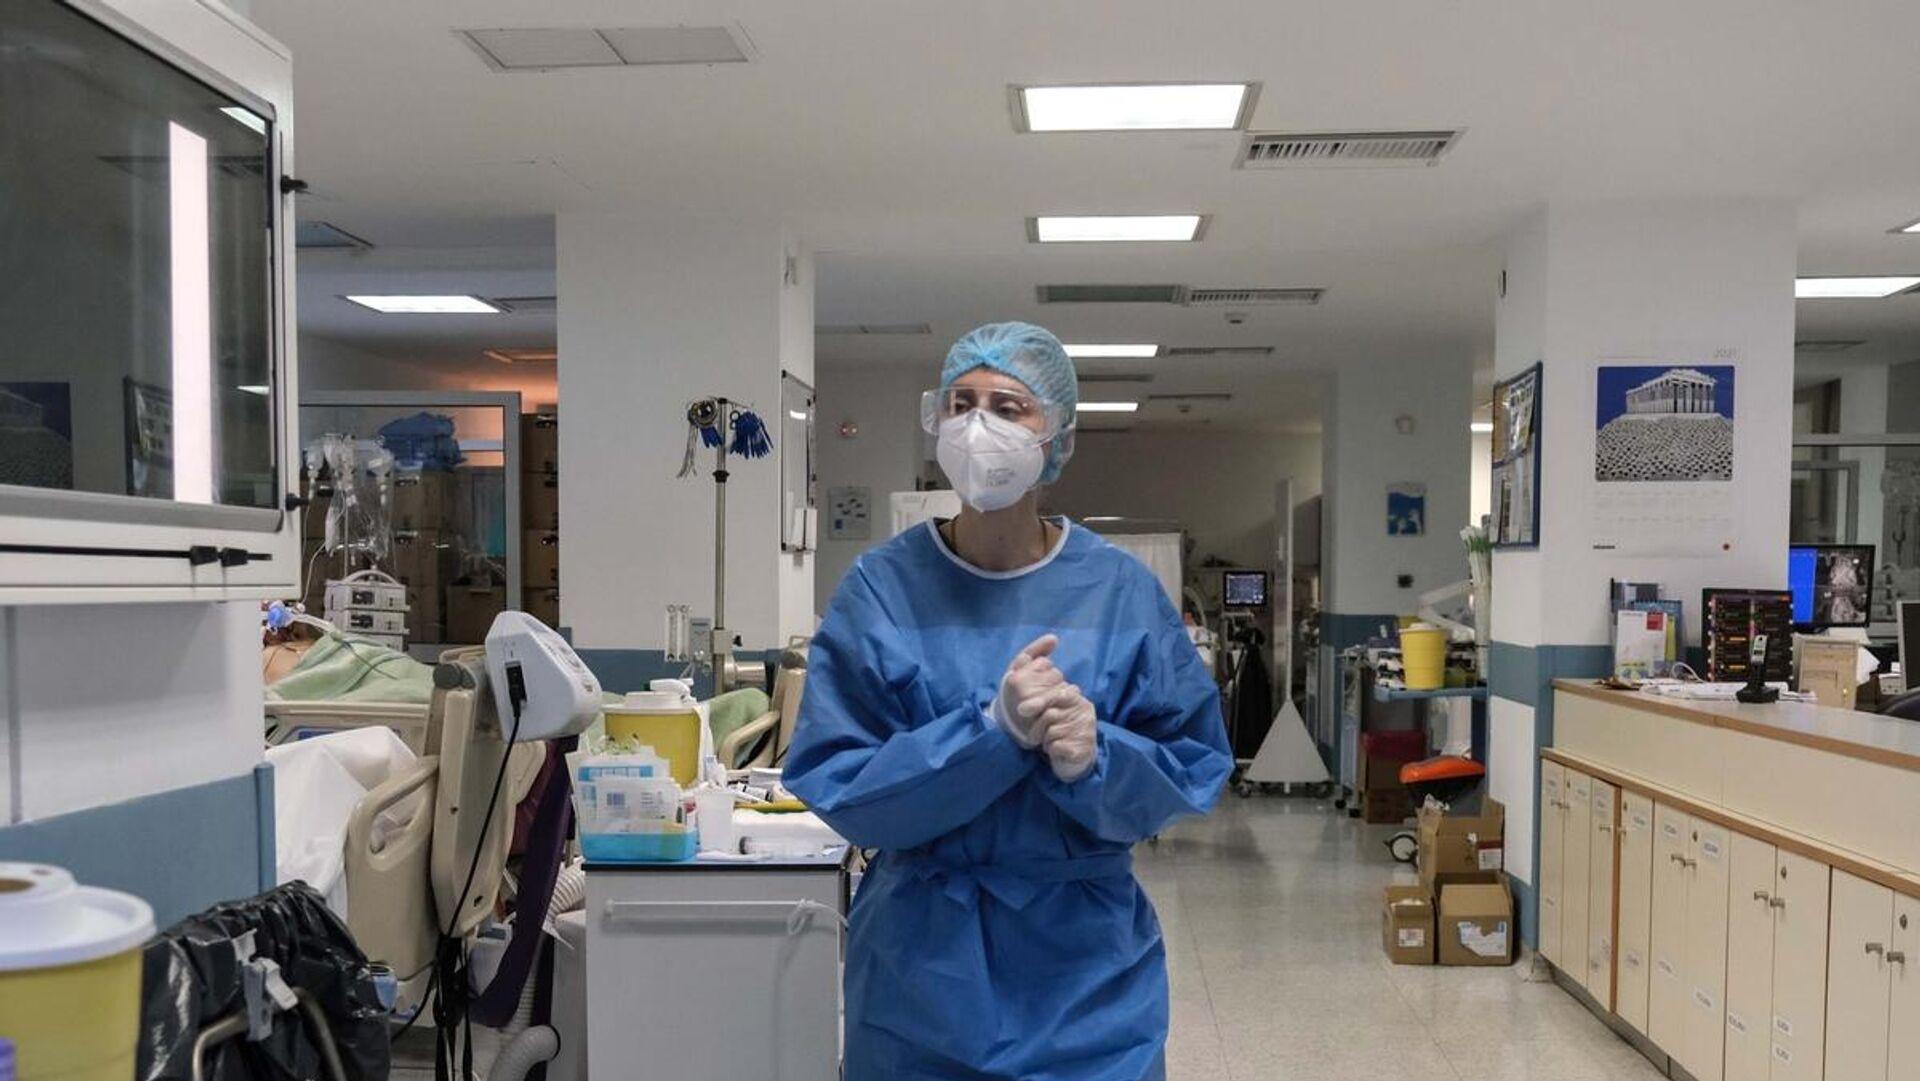 ΜΕΘ σε νοσοκομείο στην Αθήνα - Sputnik Ελλάδα, 1920, 05.10.2021